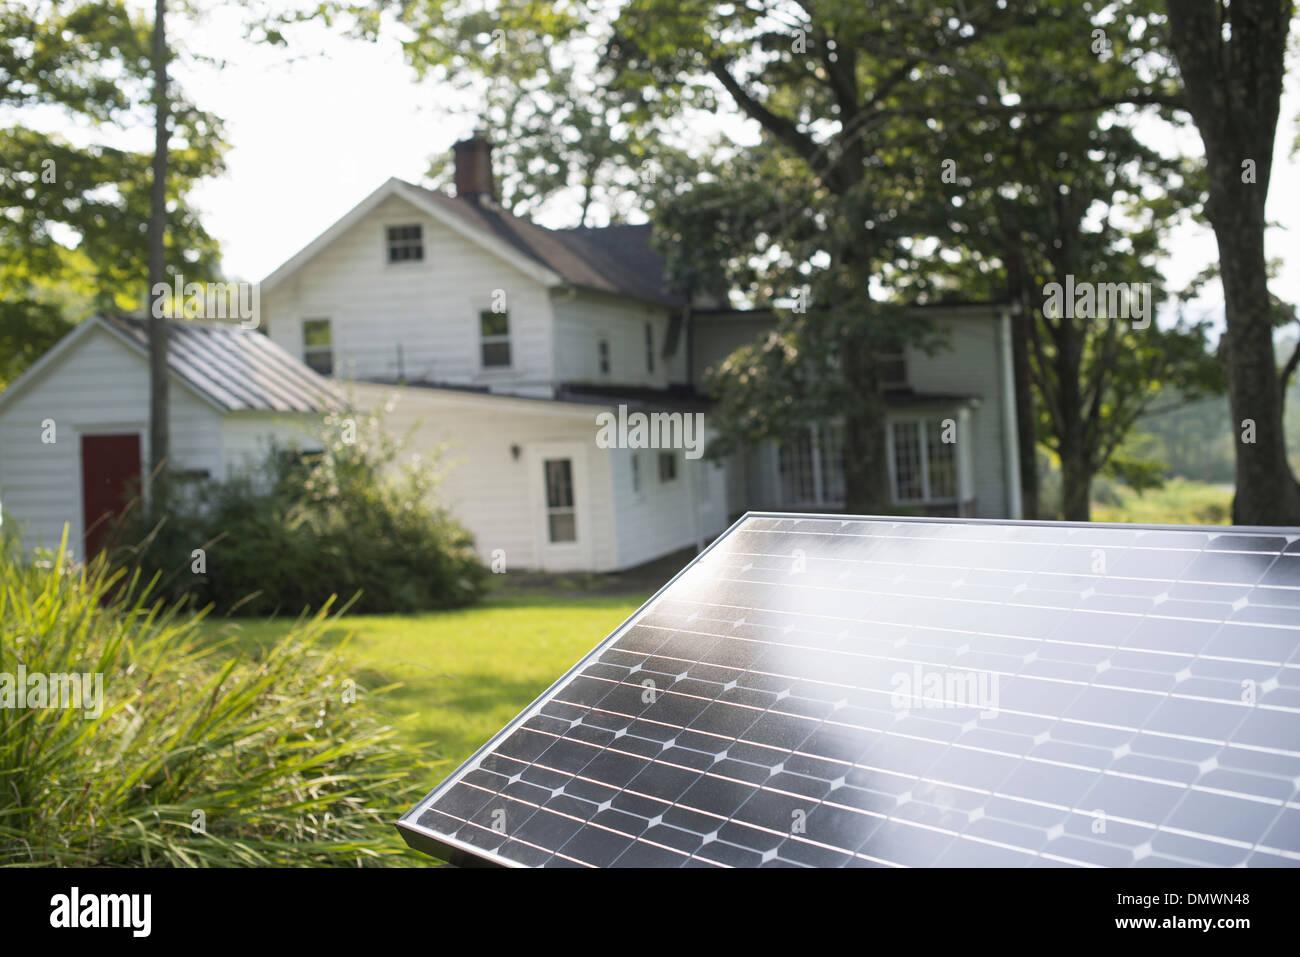 A solar panel in a farmhouse garden. Stock Photo